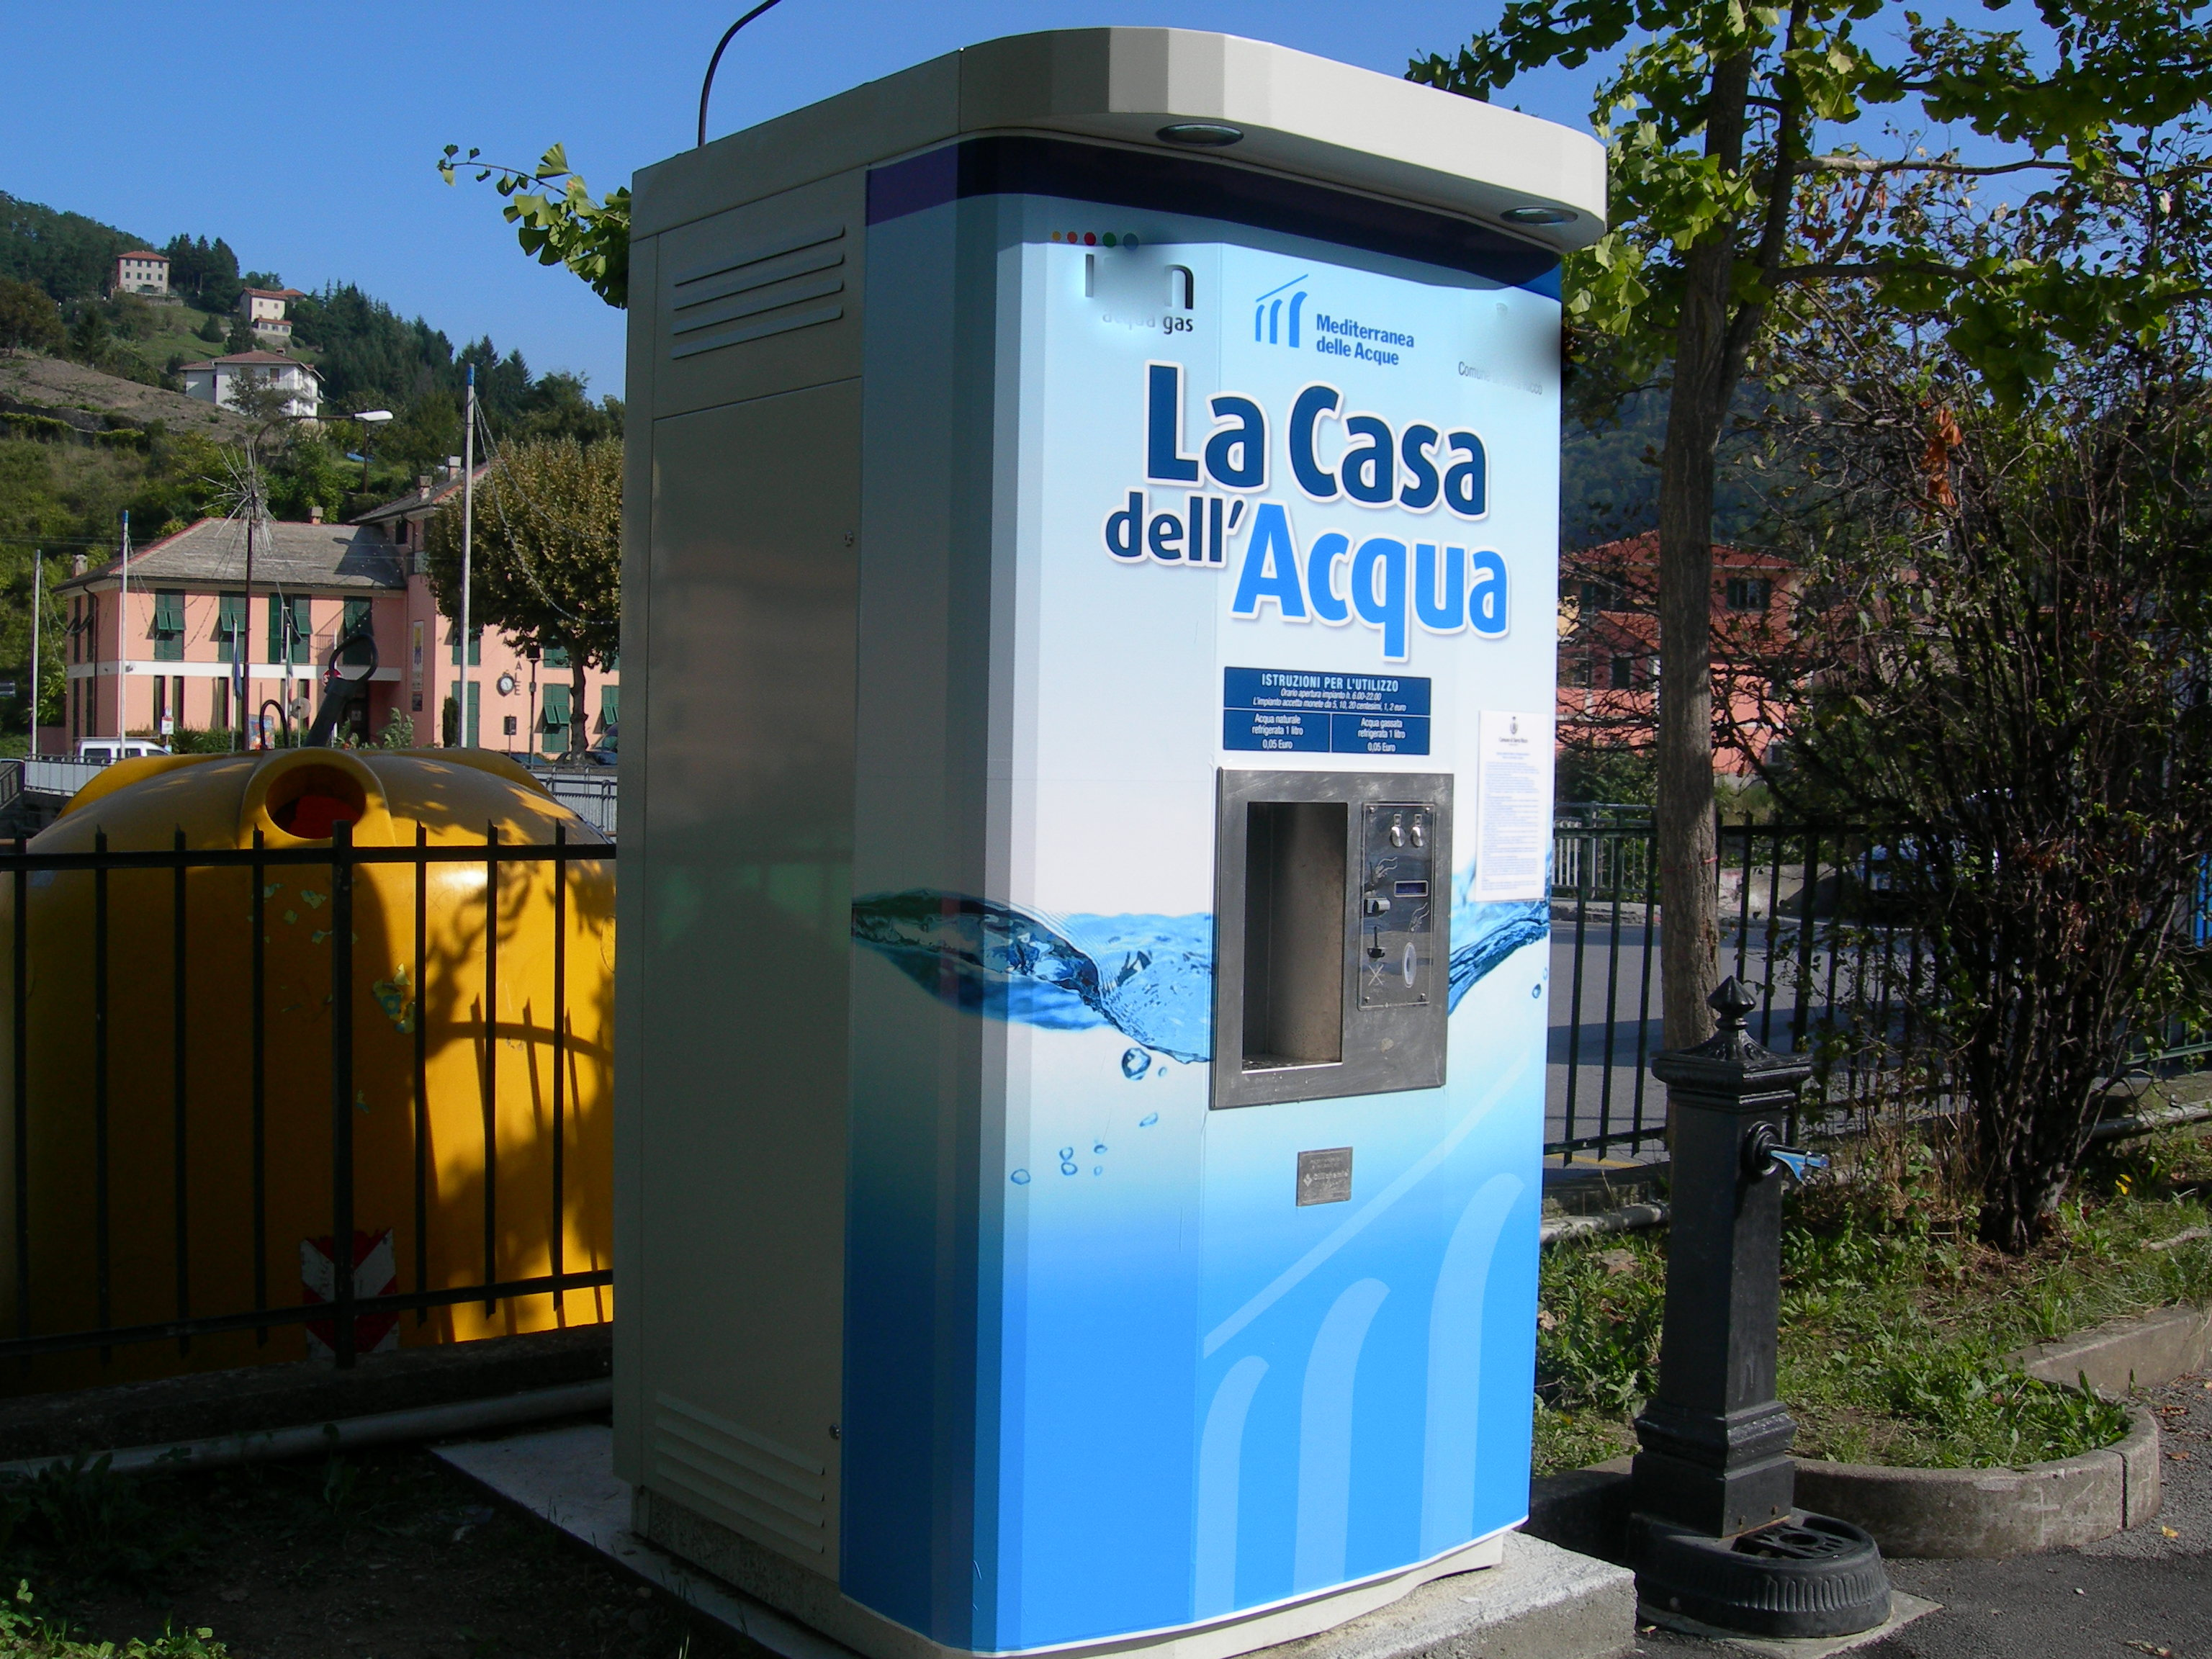 La casa dell 39 acqua a breve sar installata a vietri di - Centralina acqua per casa ...